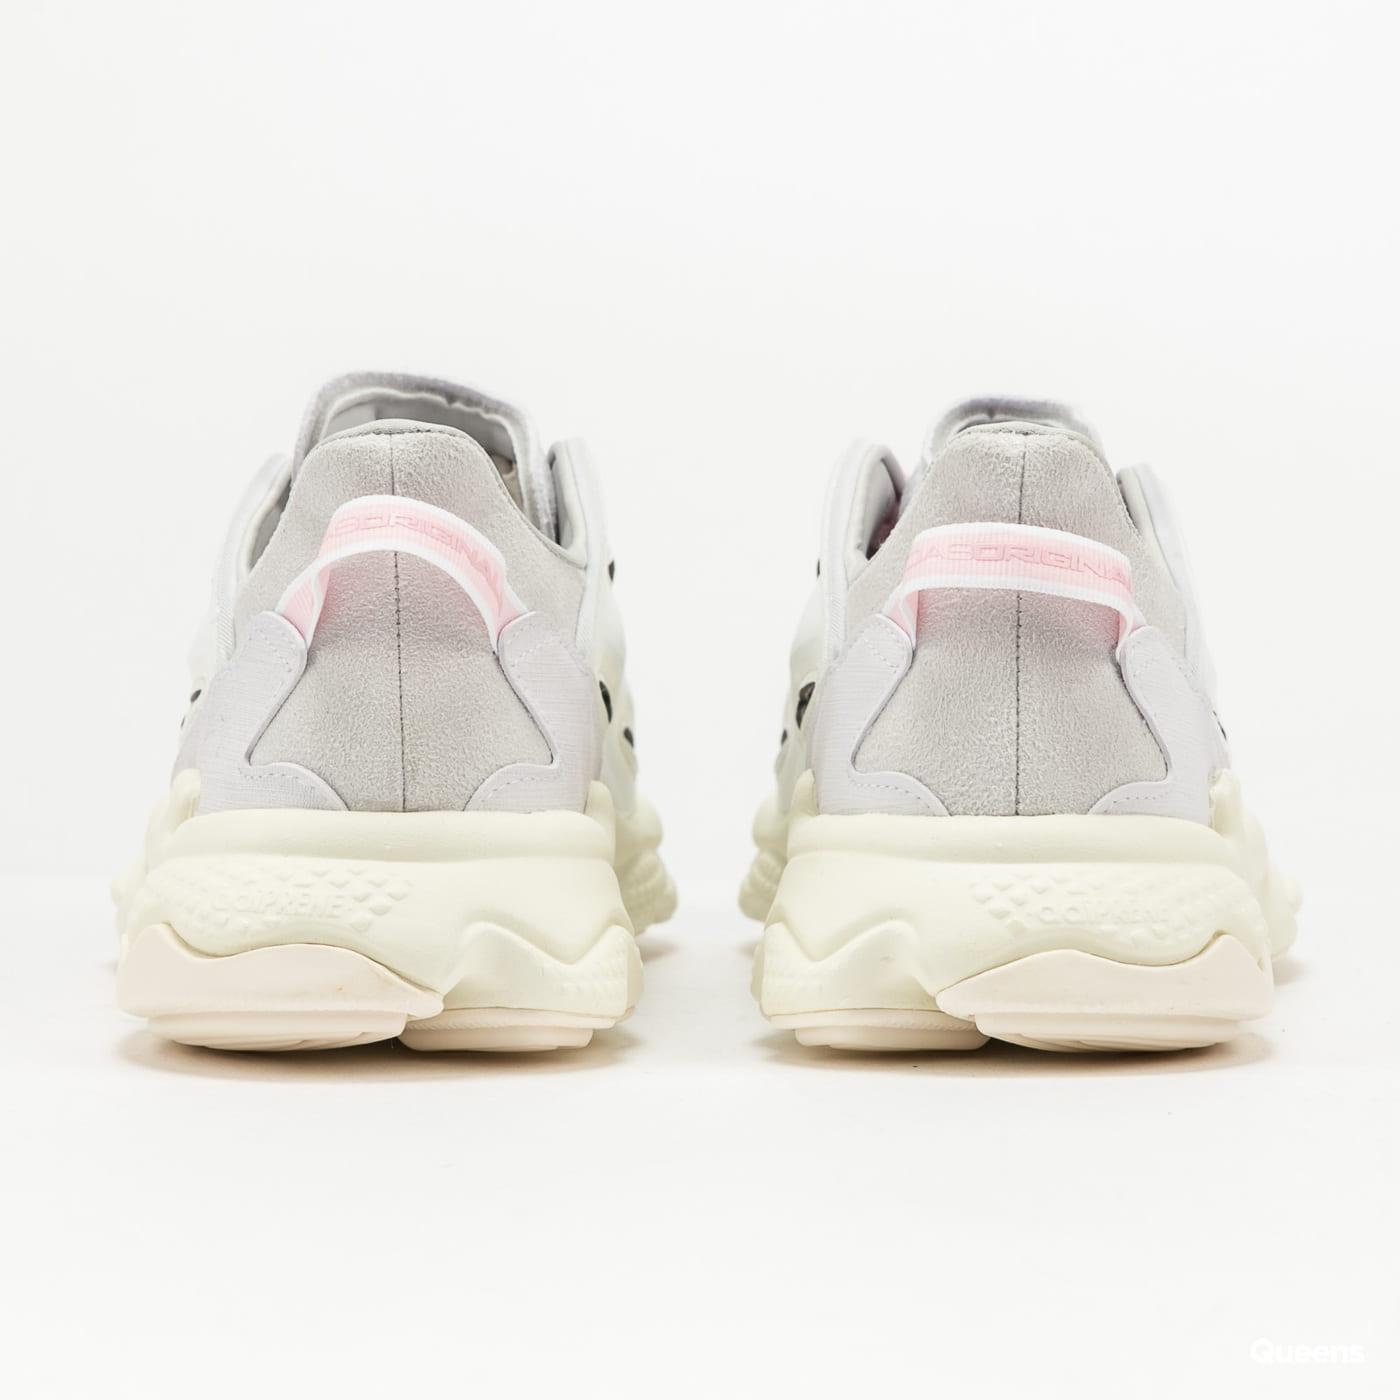 adidas Originals Ozweego Celox W ftwwht / ftwwht / clpink